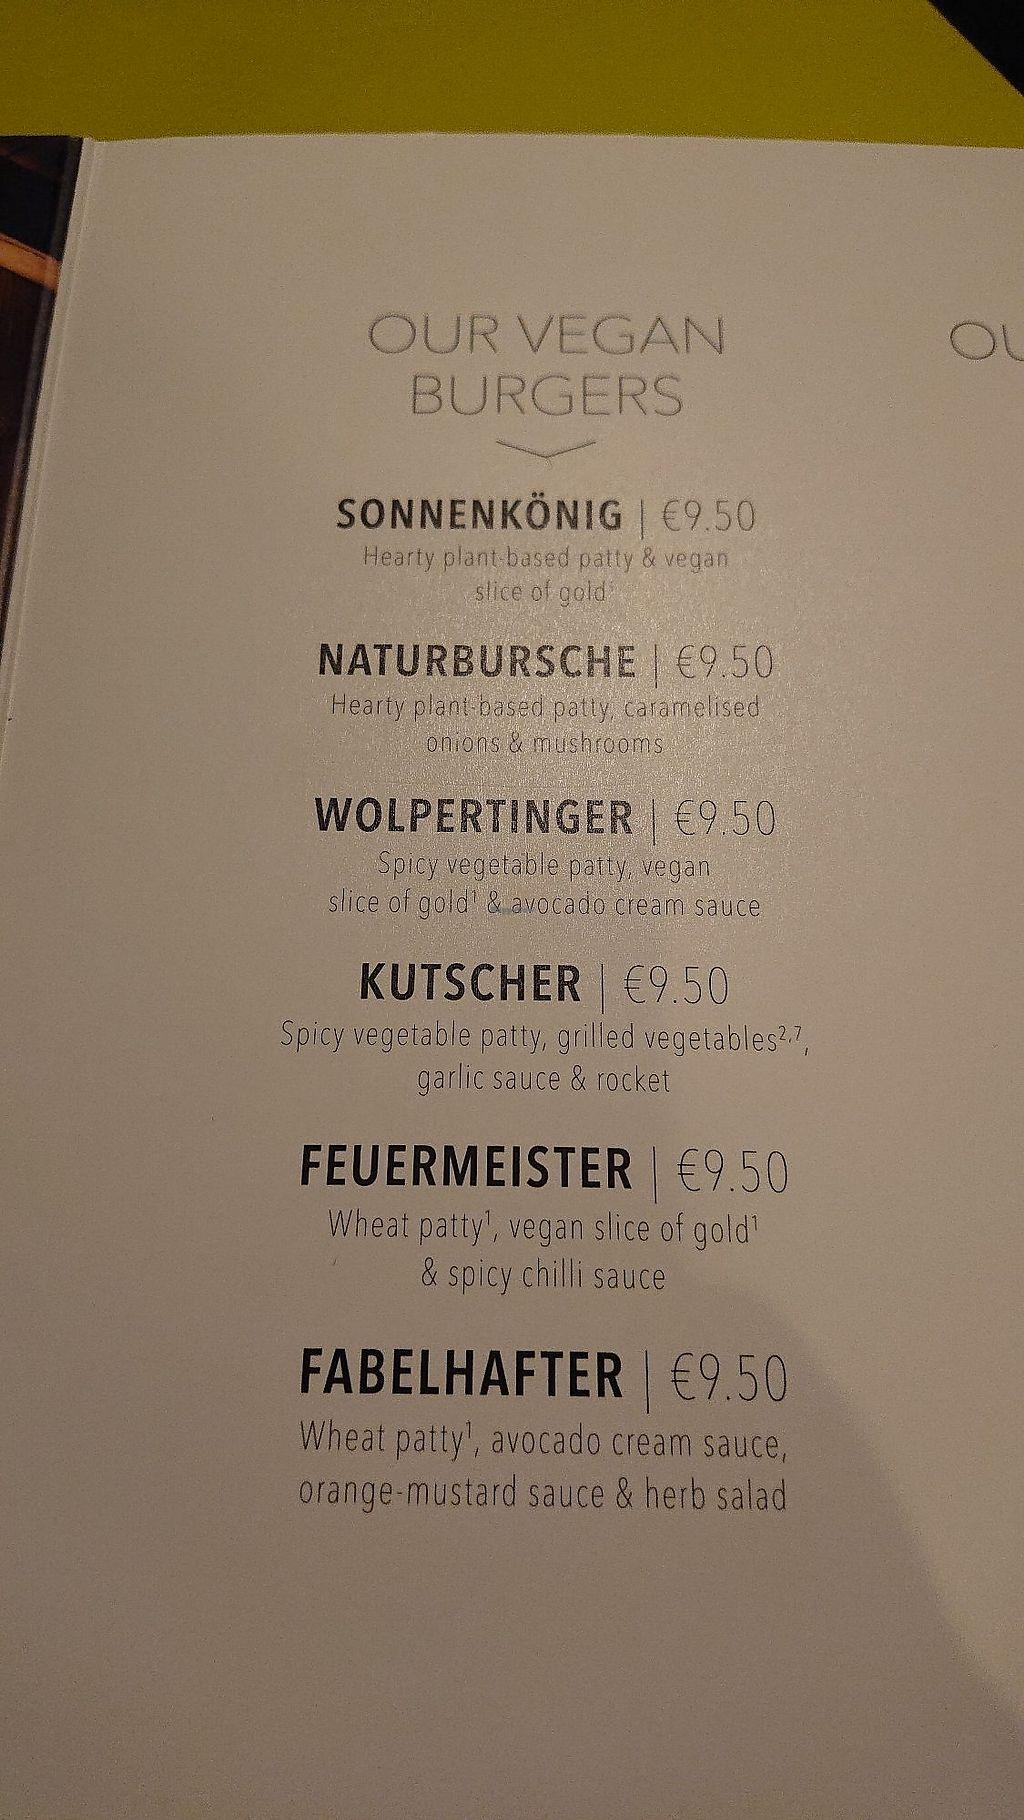 Muc Hans Im Glück T2 Munich Restaurant Happycow